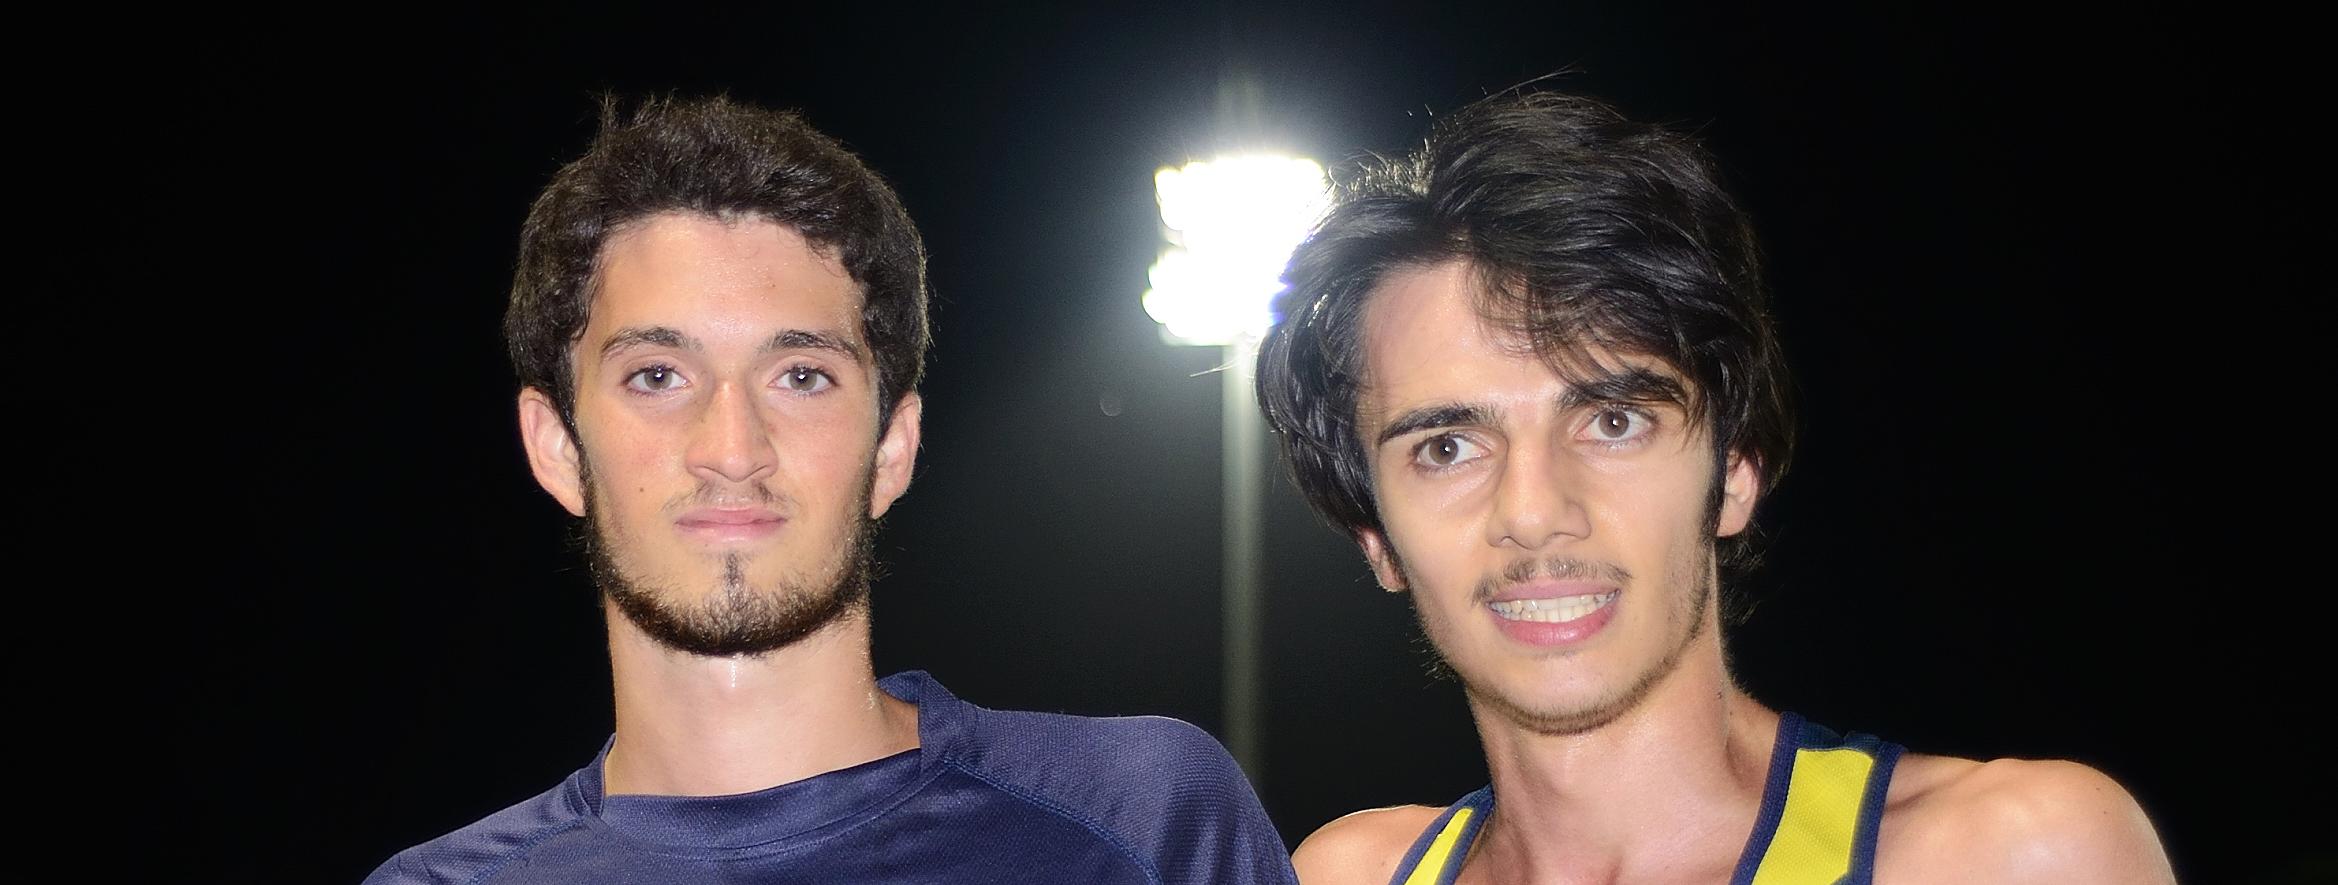 Daniele e Leo